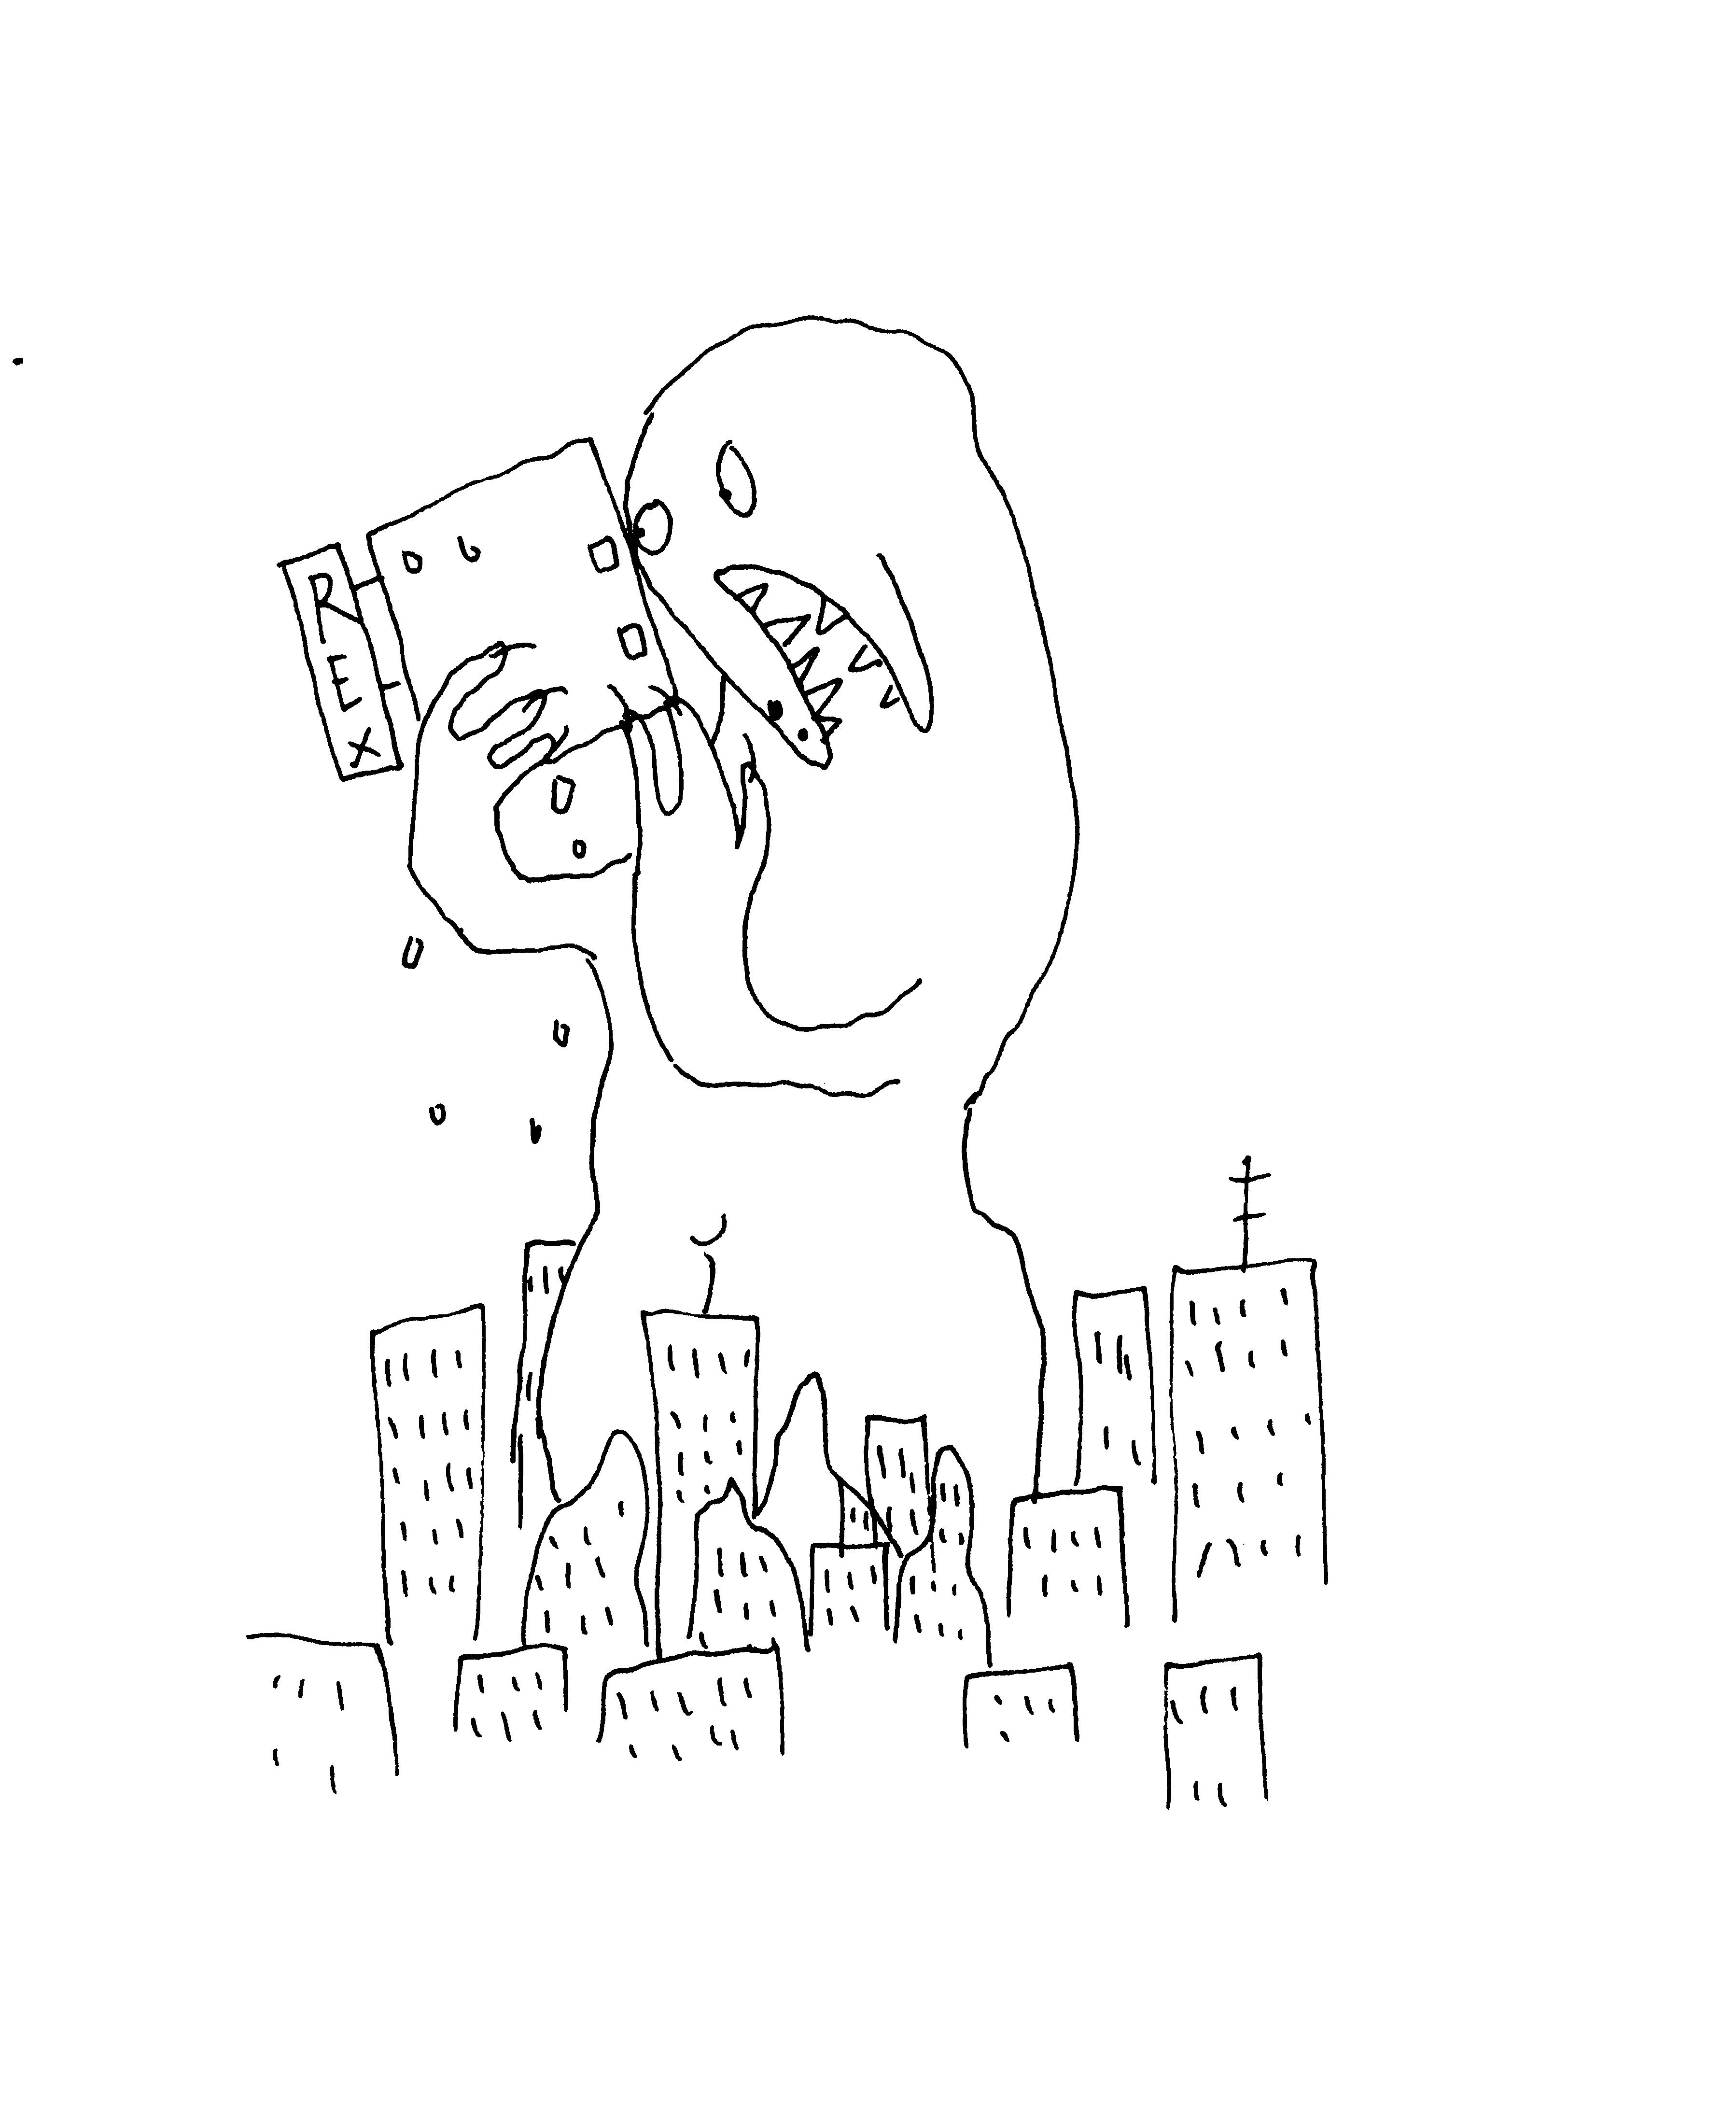 Ein Monster verwüstet die Stadt